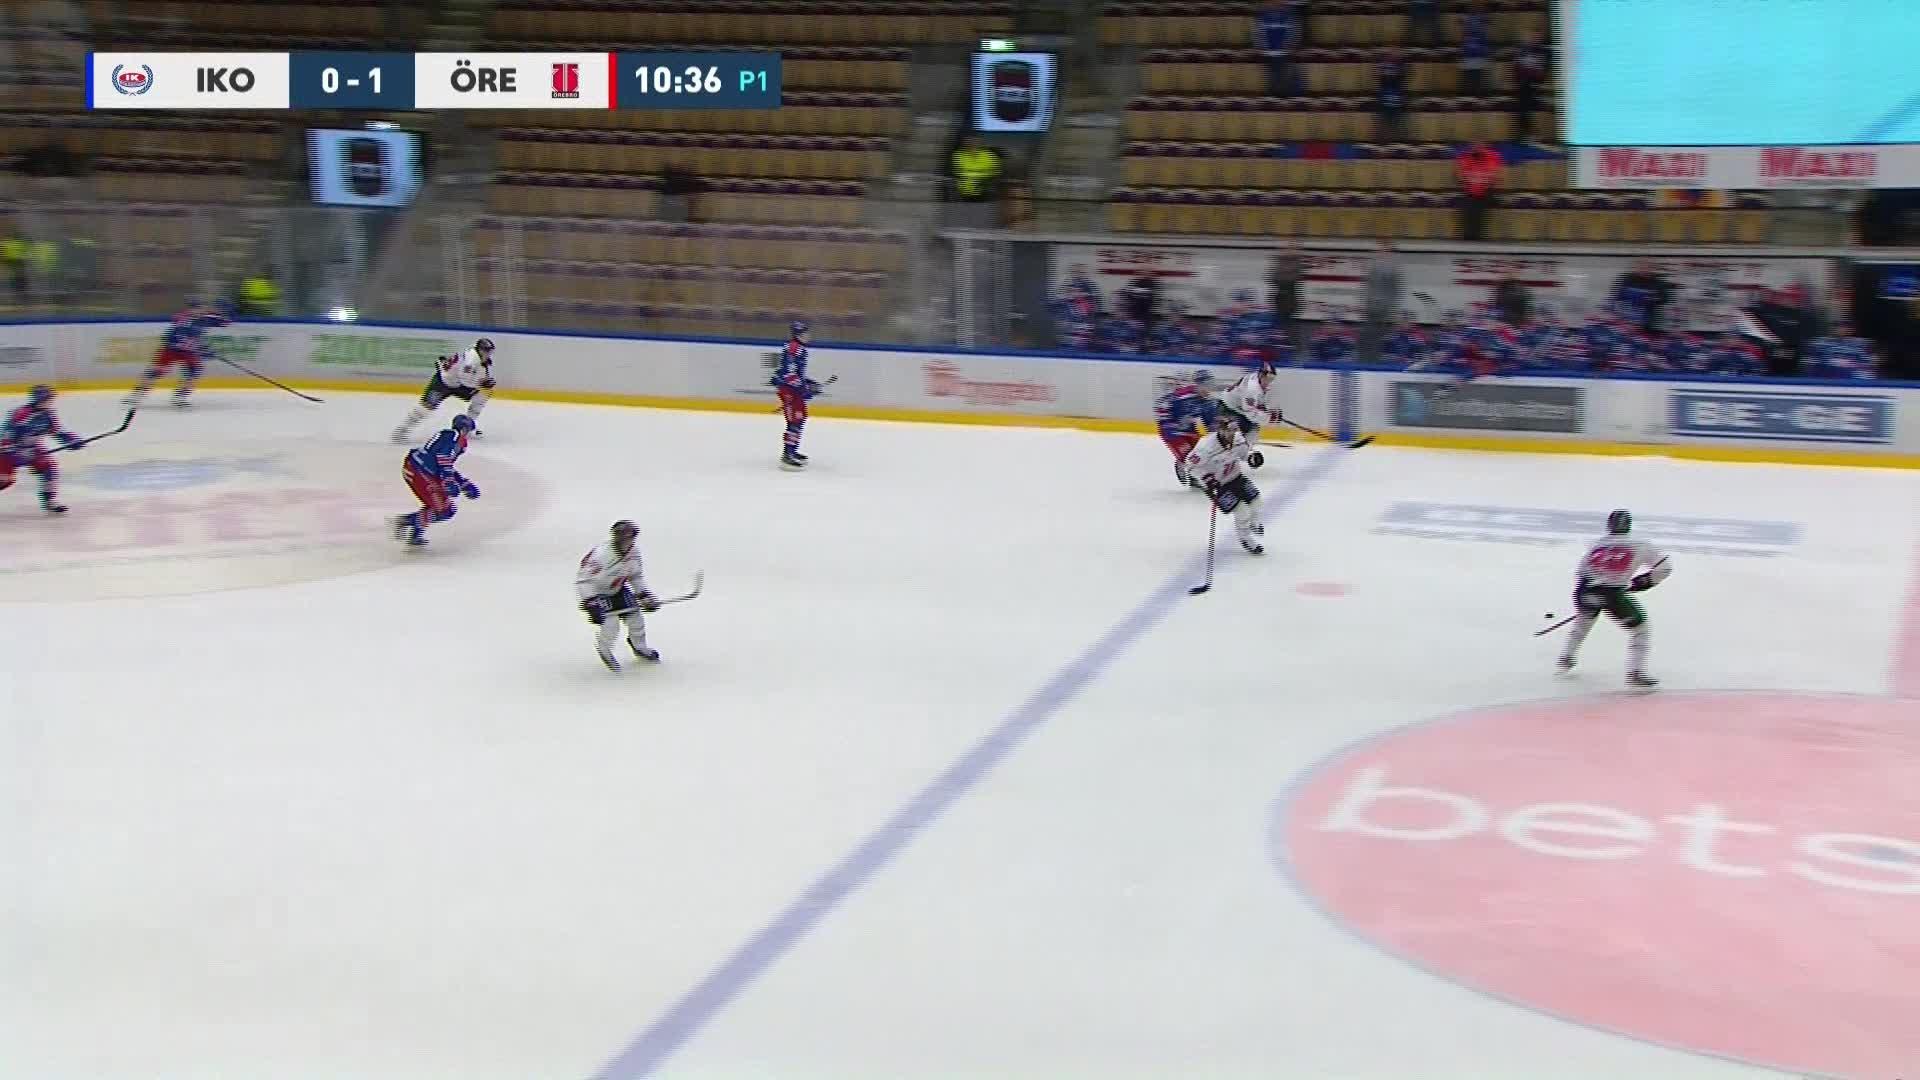 IK Oskarshamn - Örebro Hockey 0-2